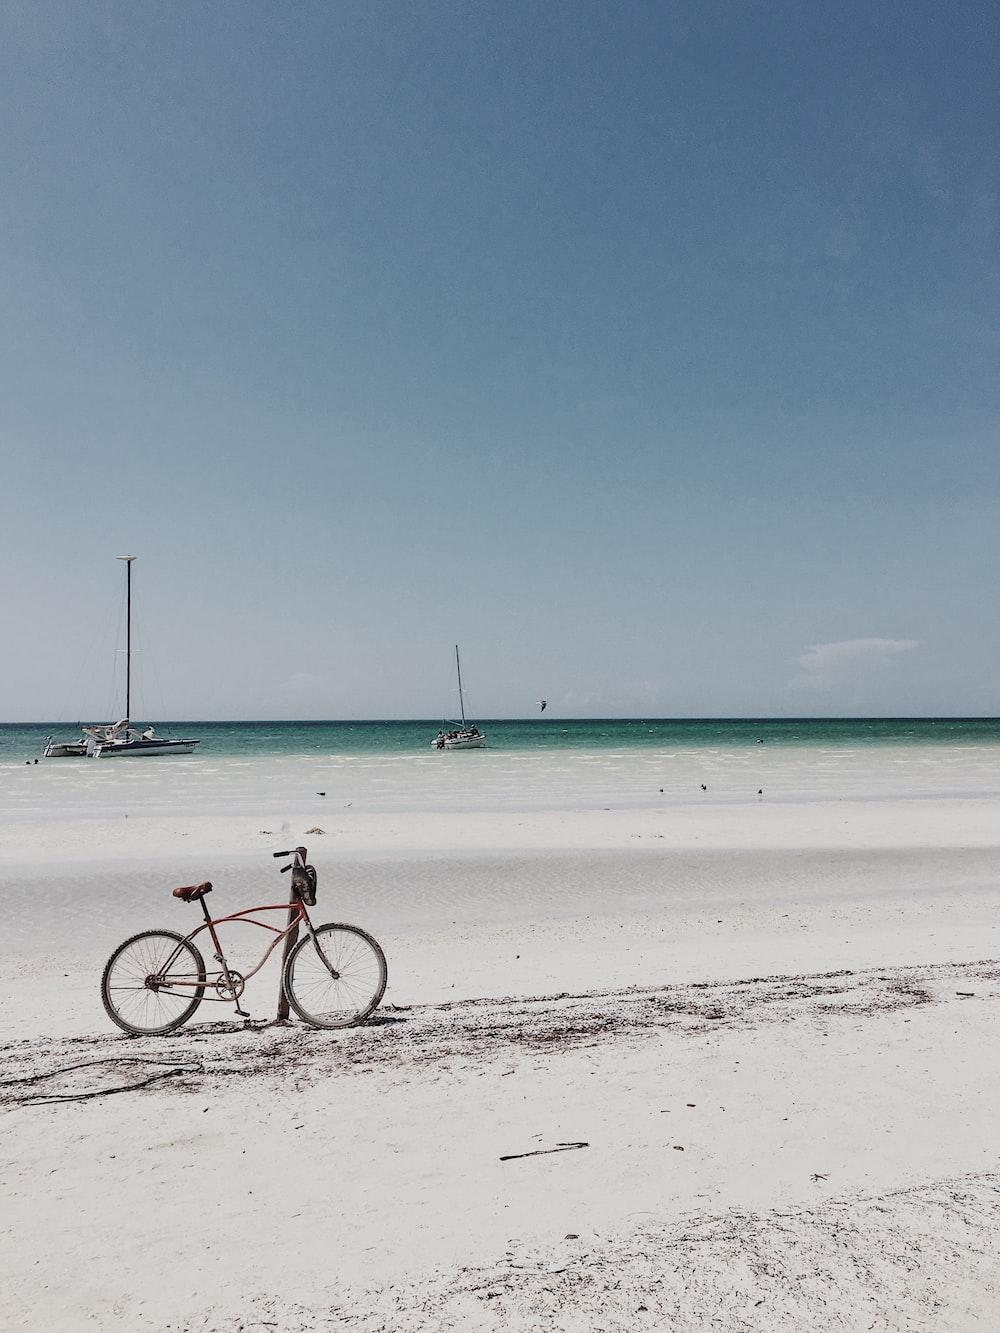 bike near shore